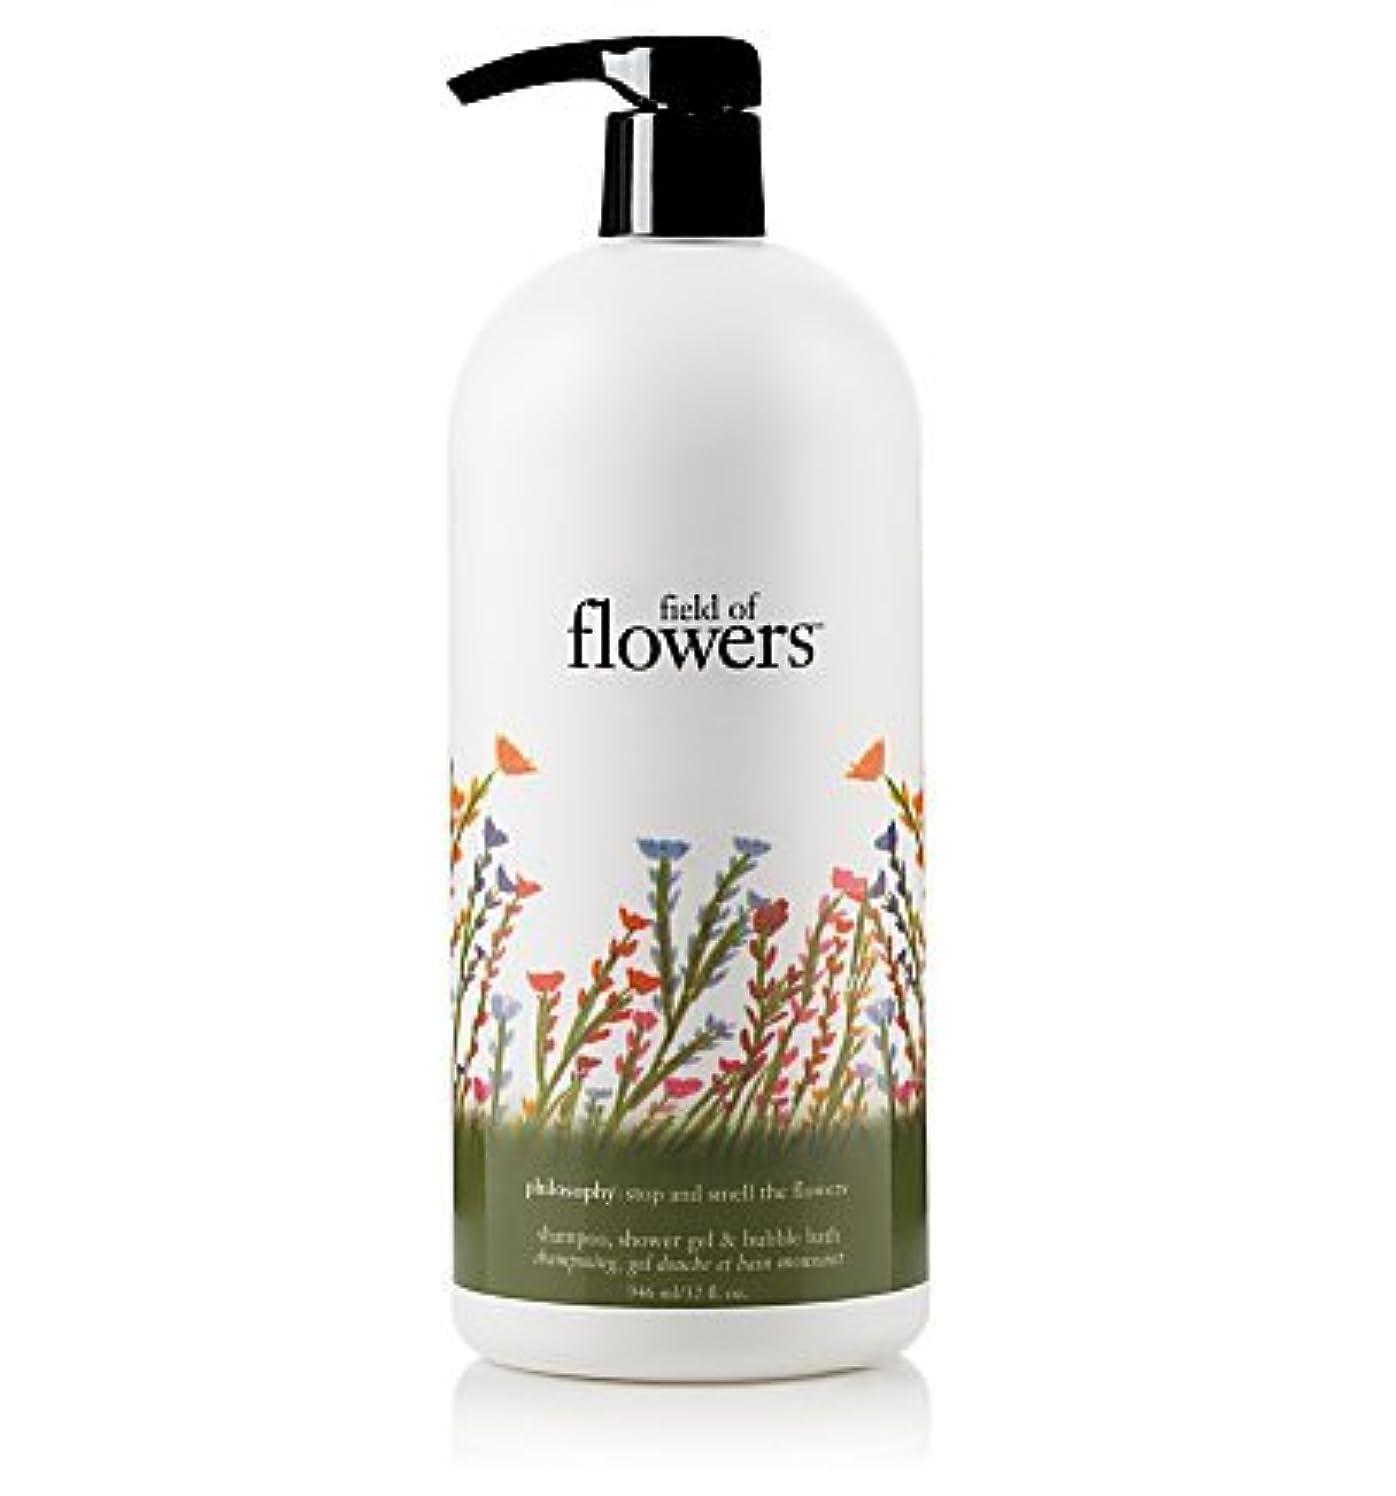 メンダシティ夢ワーカーfield of flowers (フィールド オブ フラワーズ) 32.0 oz (960ml) shampoo, shower gel & bubble bath for Women